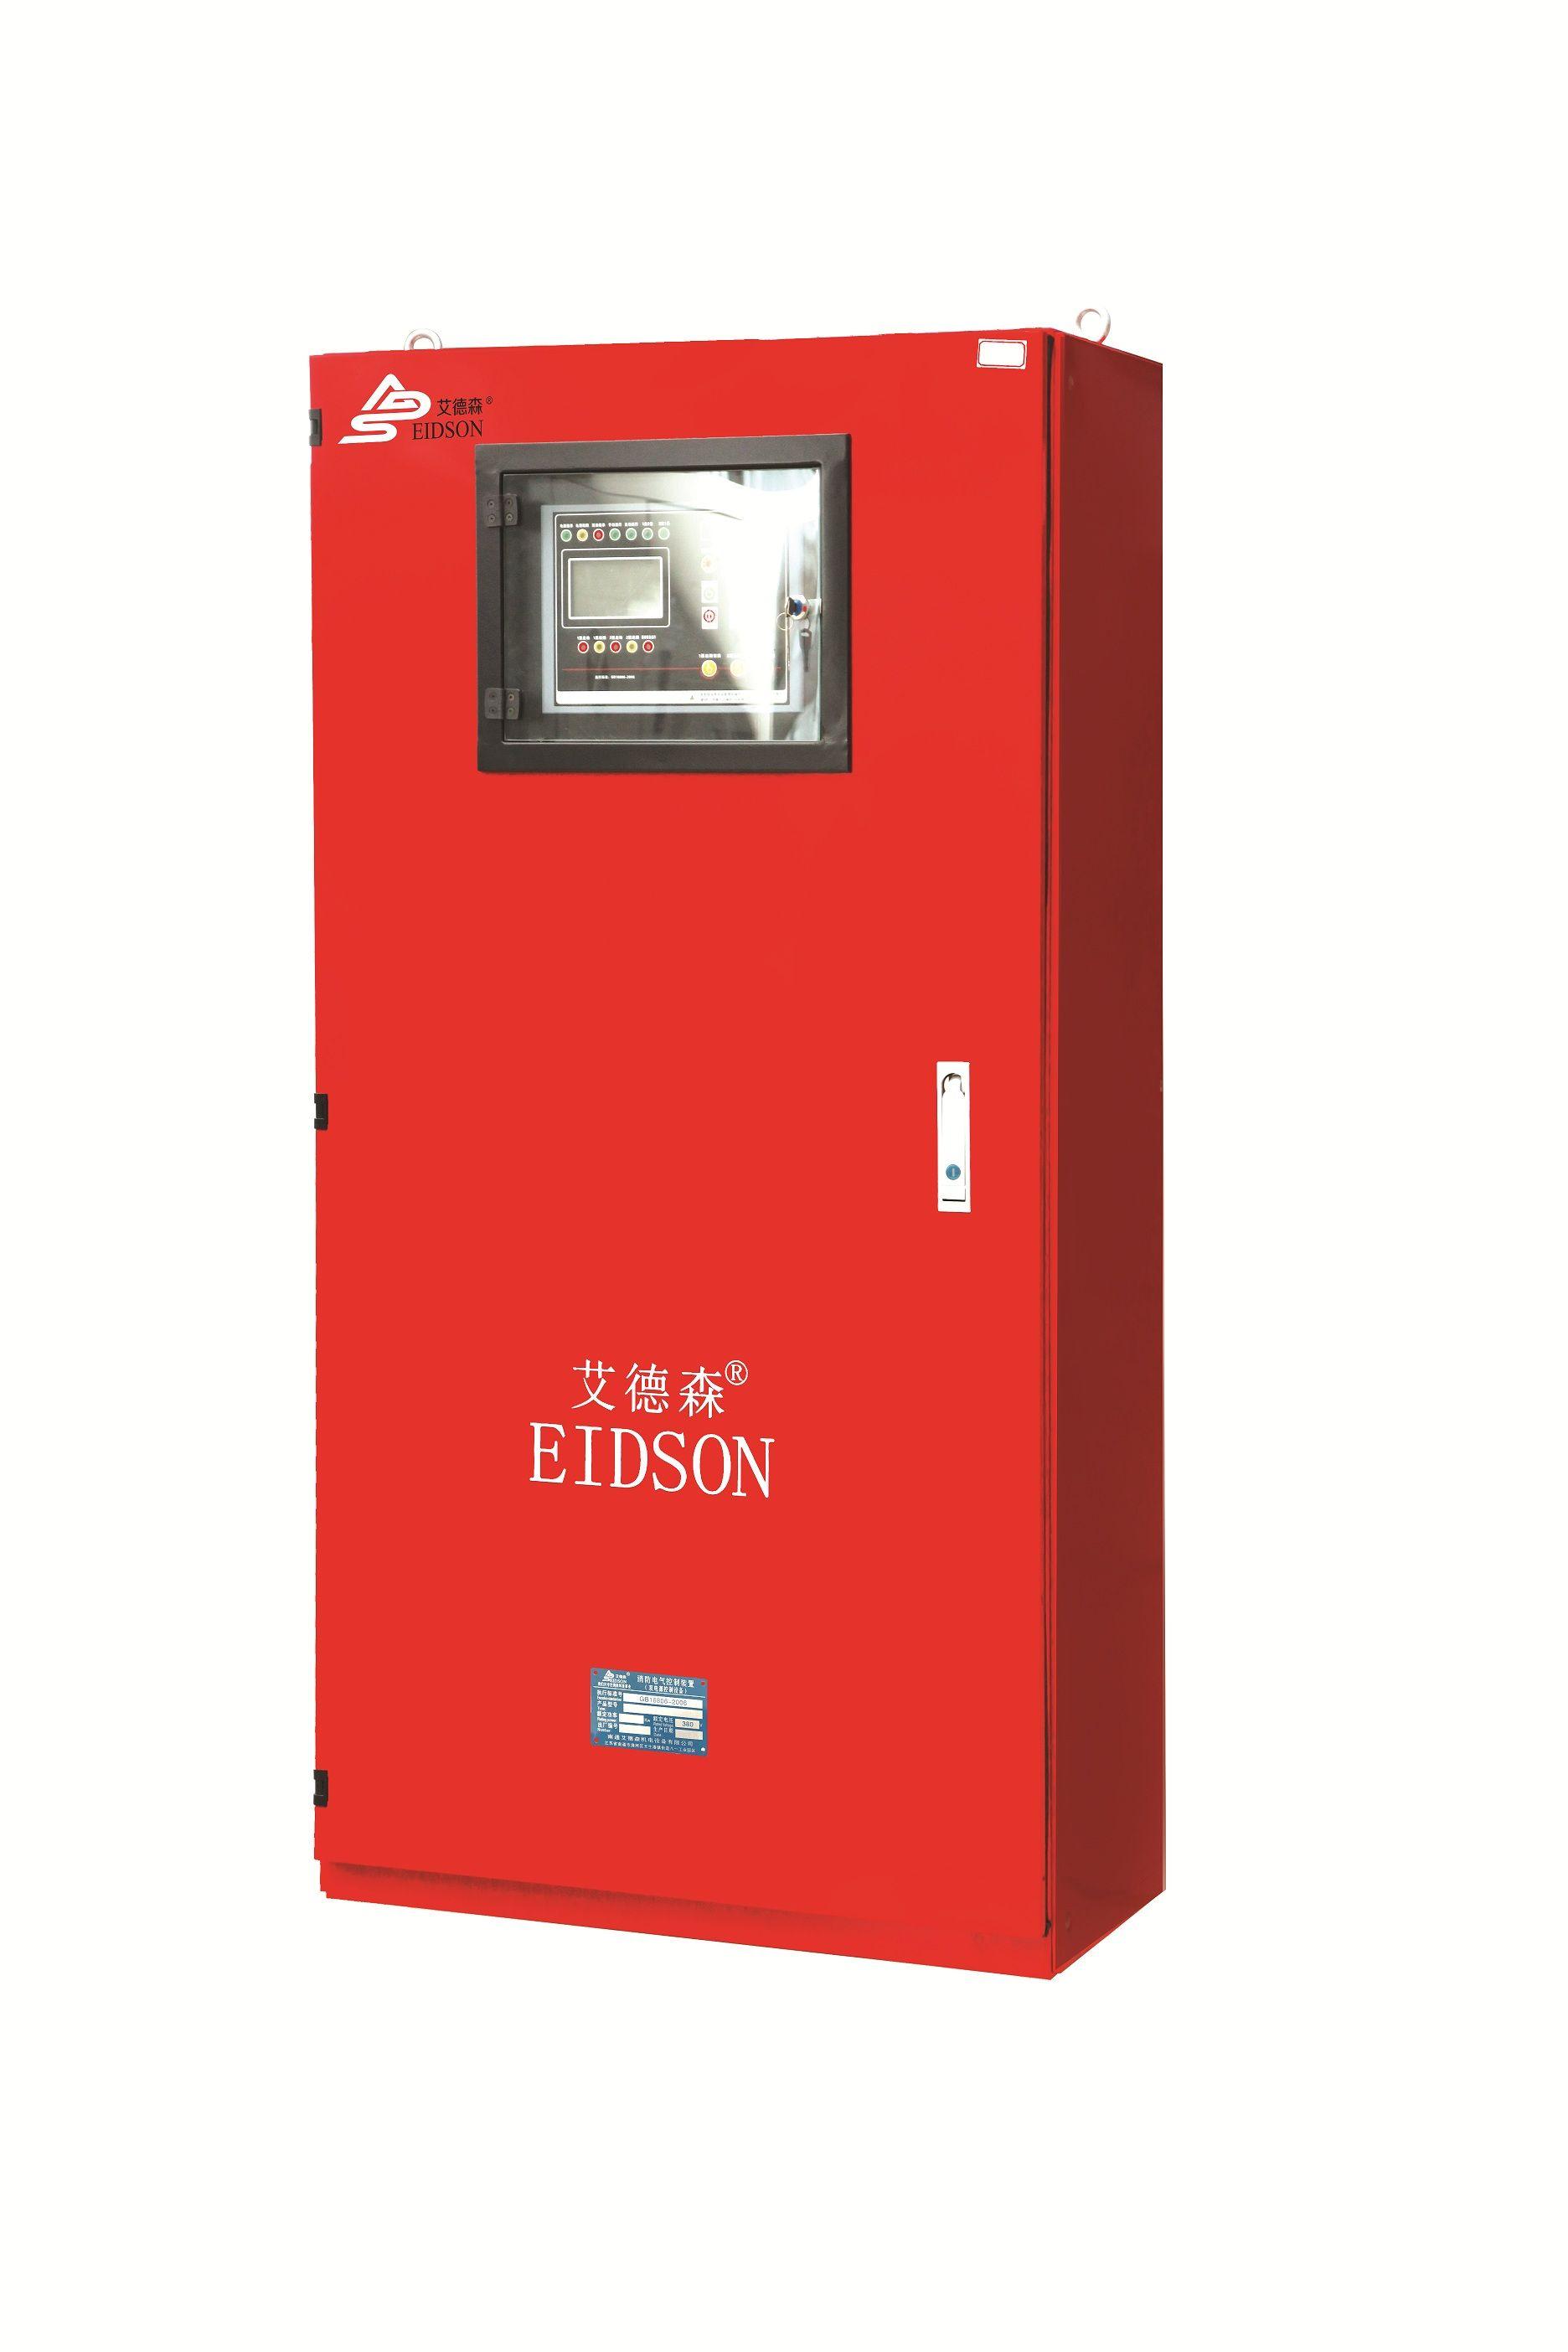 消防電氣控制裝置雙電源控制設備